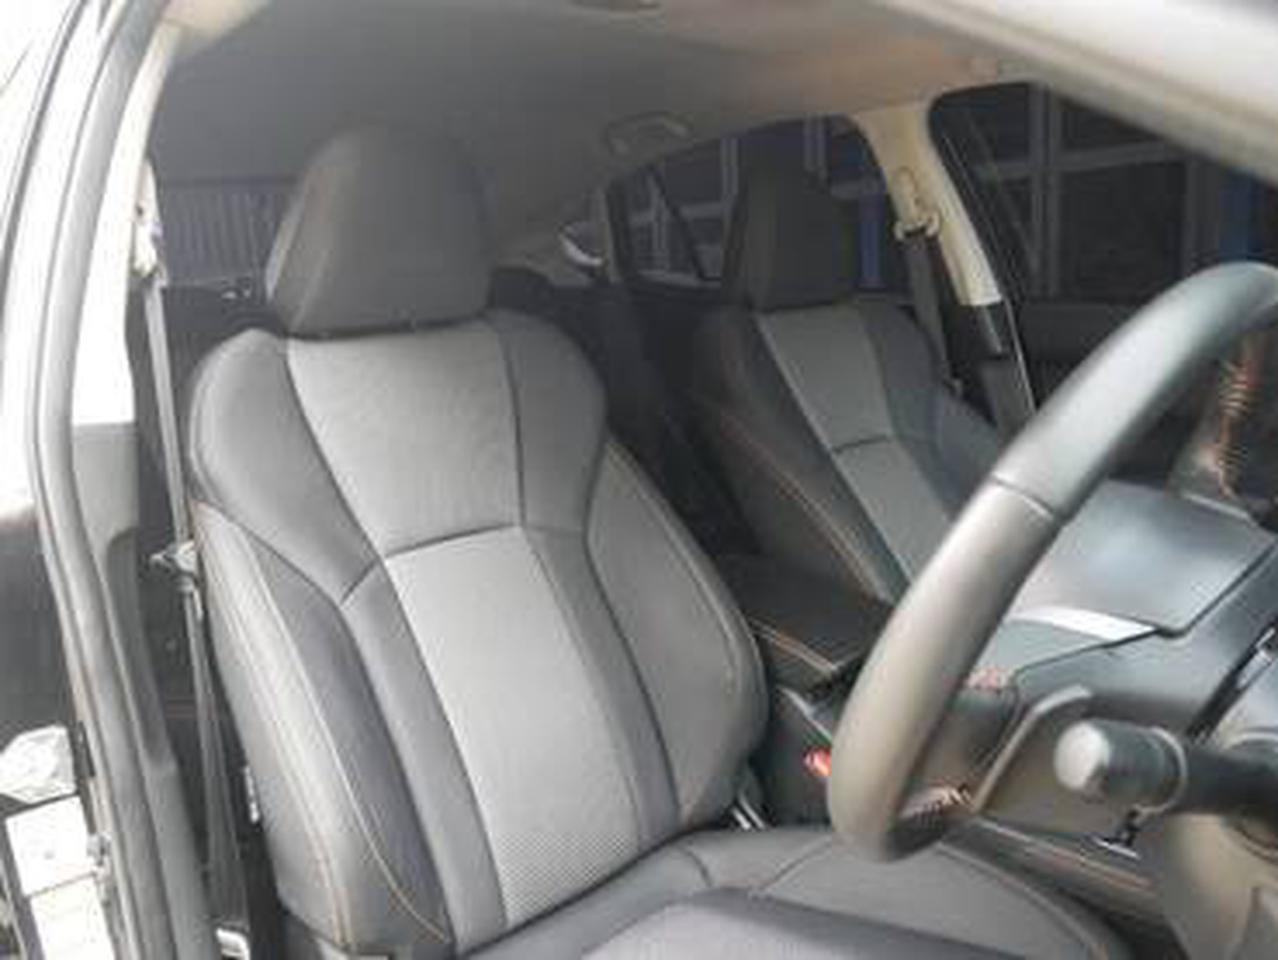 ขายรถ SUBARU XV 2.0i P 2018 รถเครื่อง 2000 cc ขับ 4 คันนี้ เลขไมล์ 6x,xxx กิโลเมตร เป็นรถที่ใช้งานได้ดีมากก รูปที่ 3